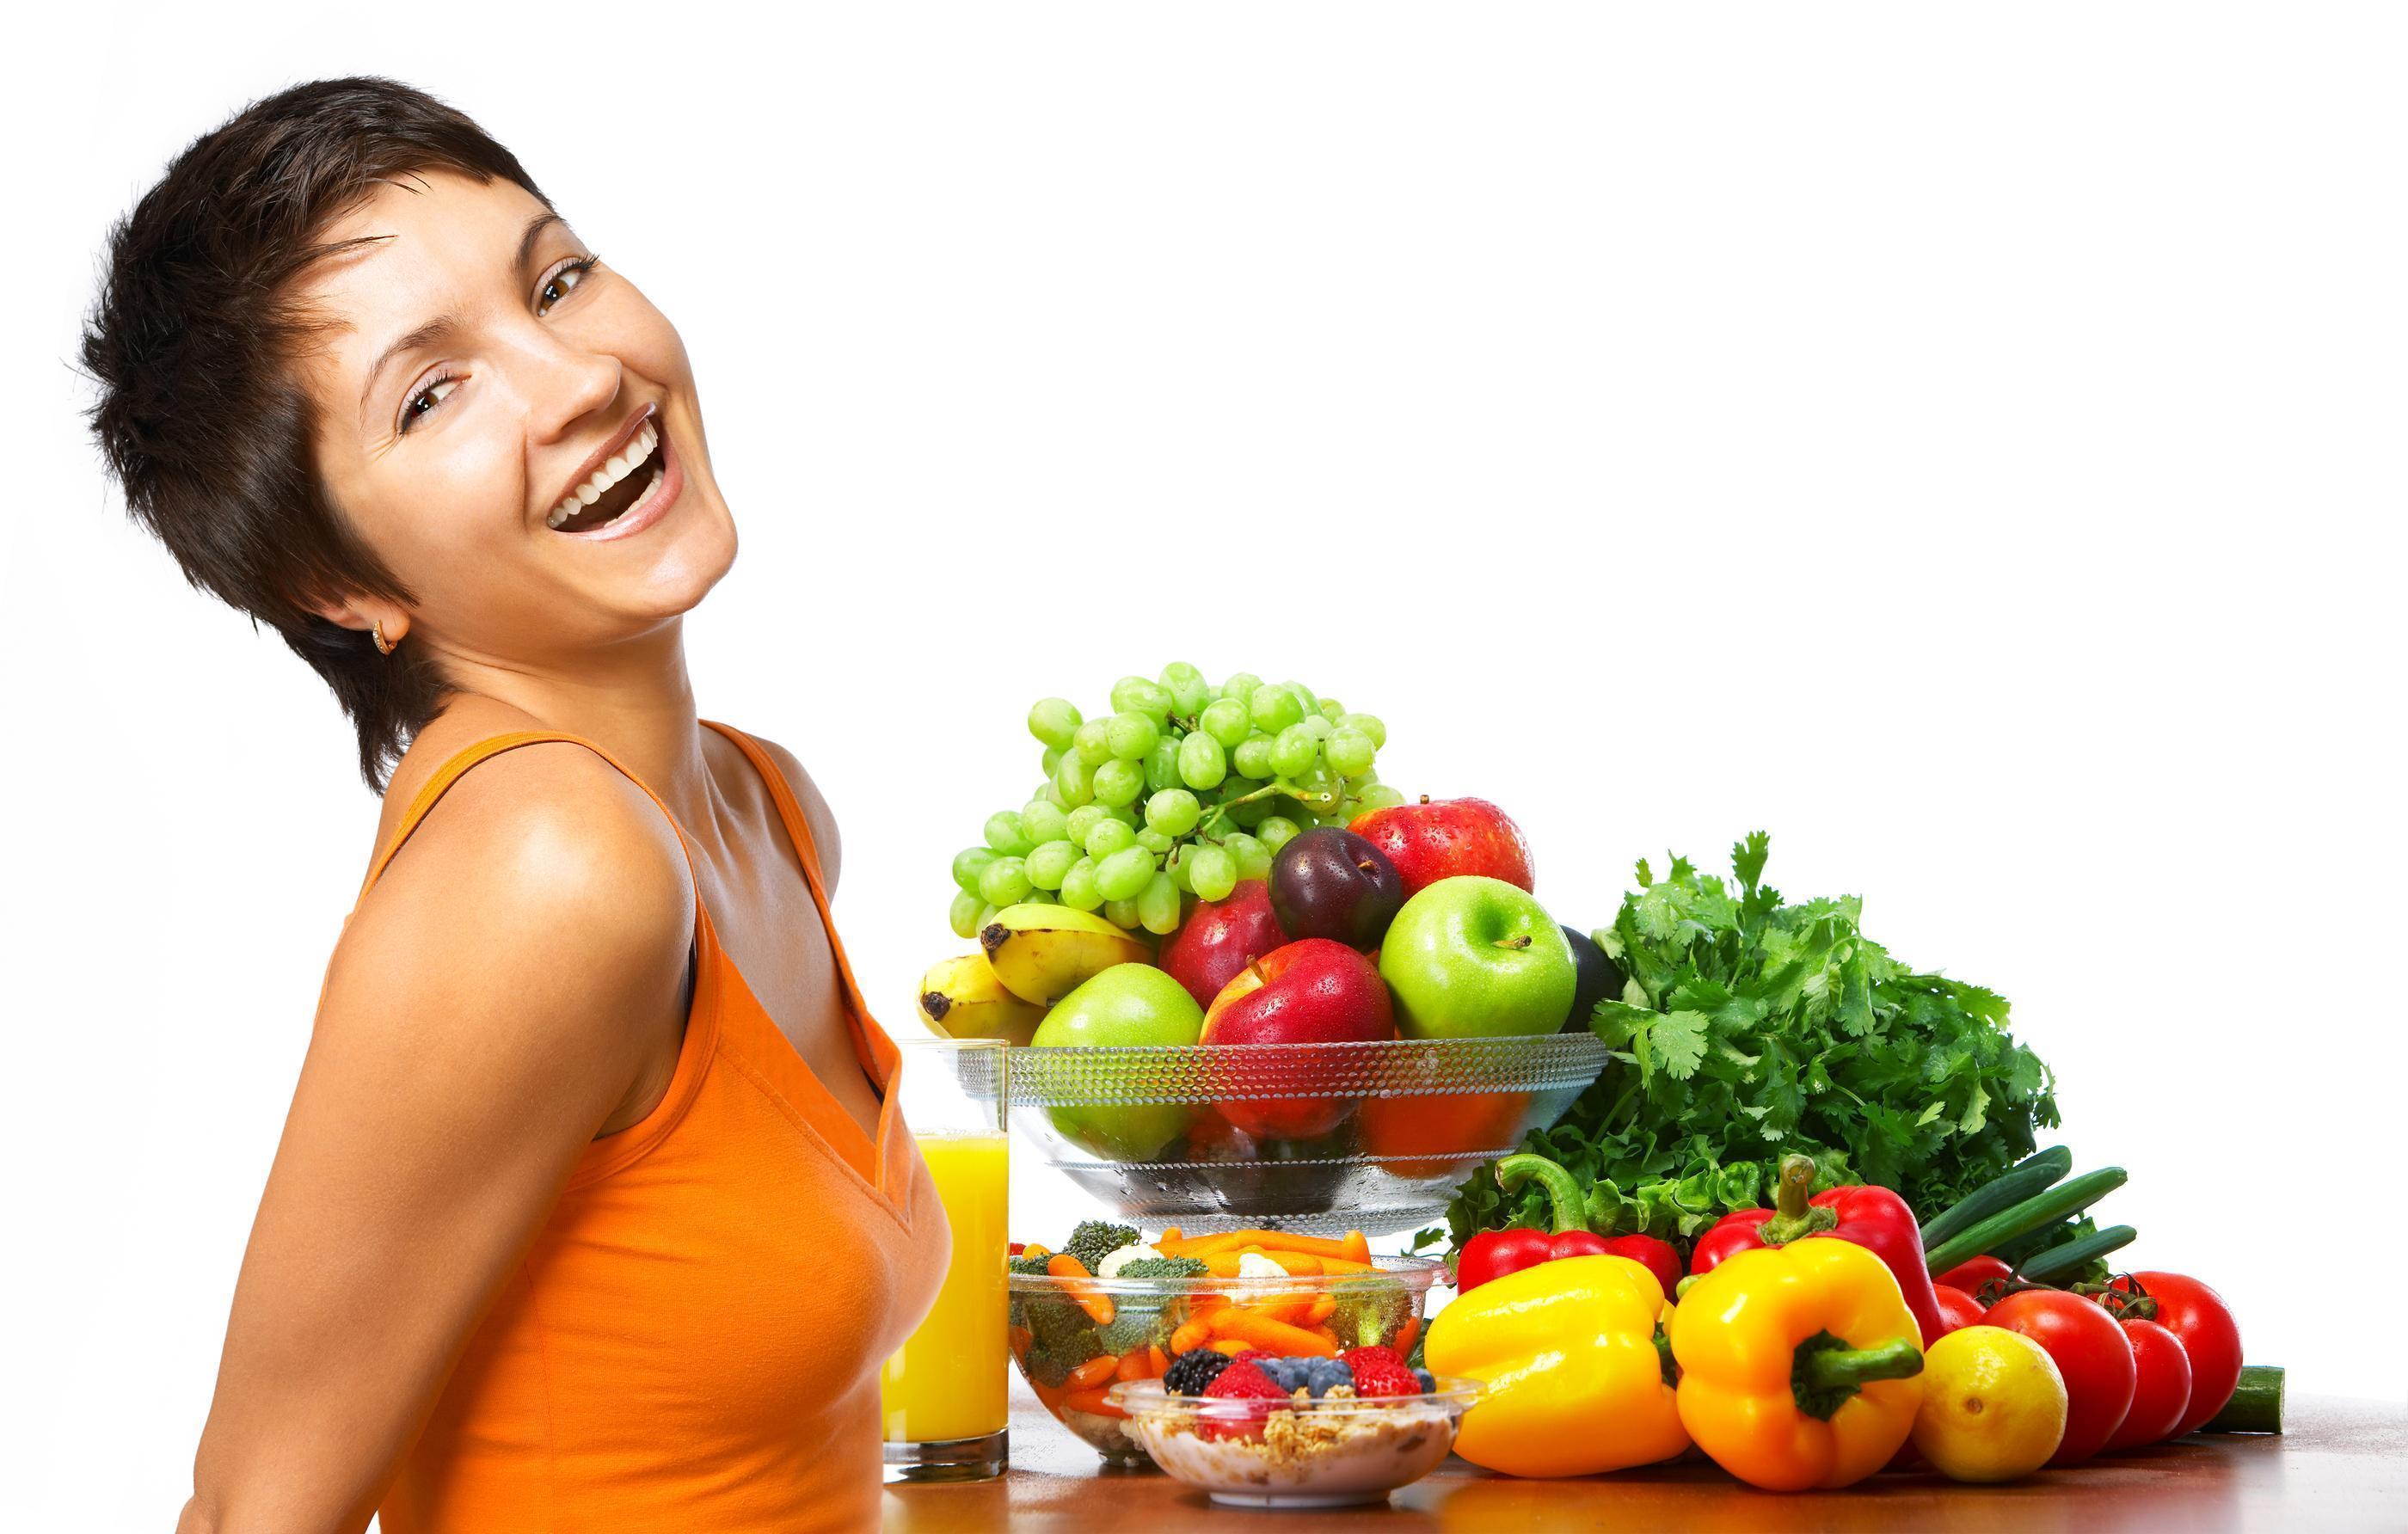 10 Dicas de Dietas Engenhosas e com Efeitos Rápidos